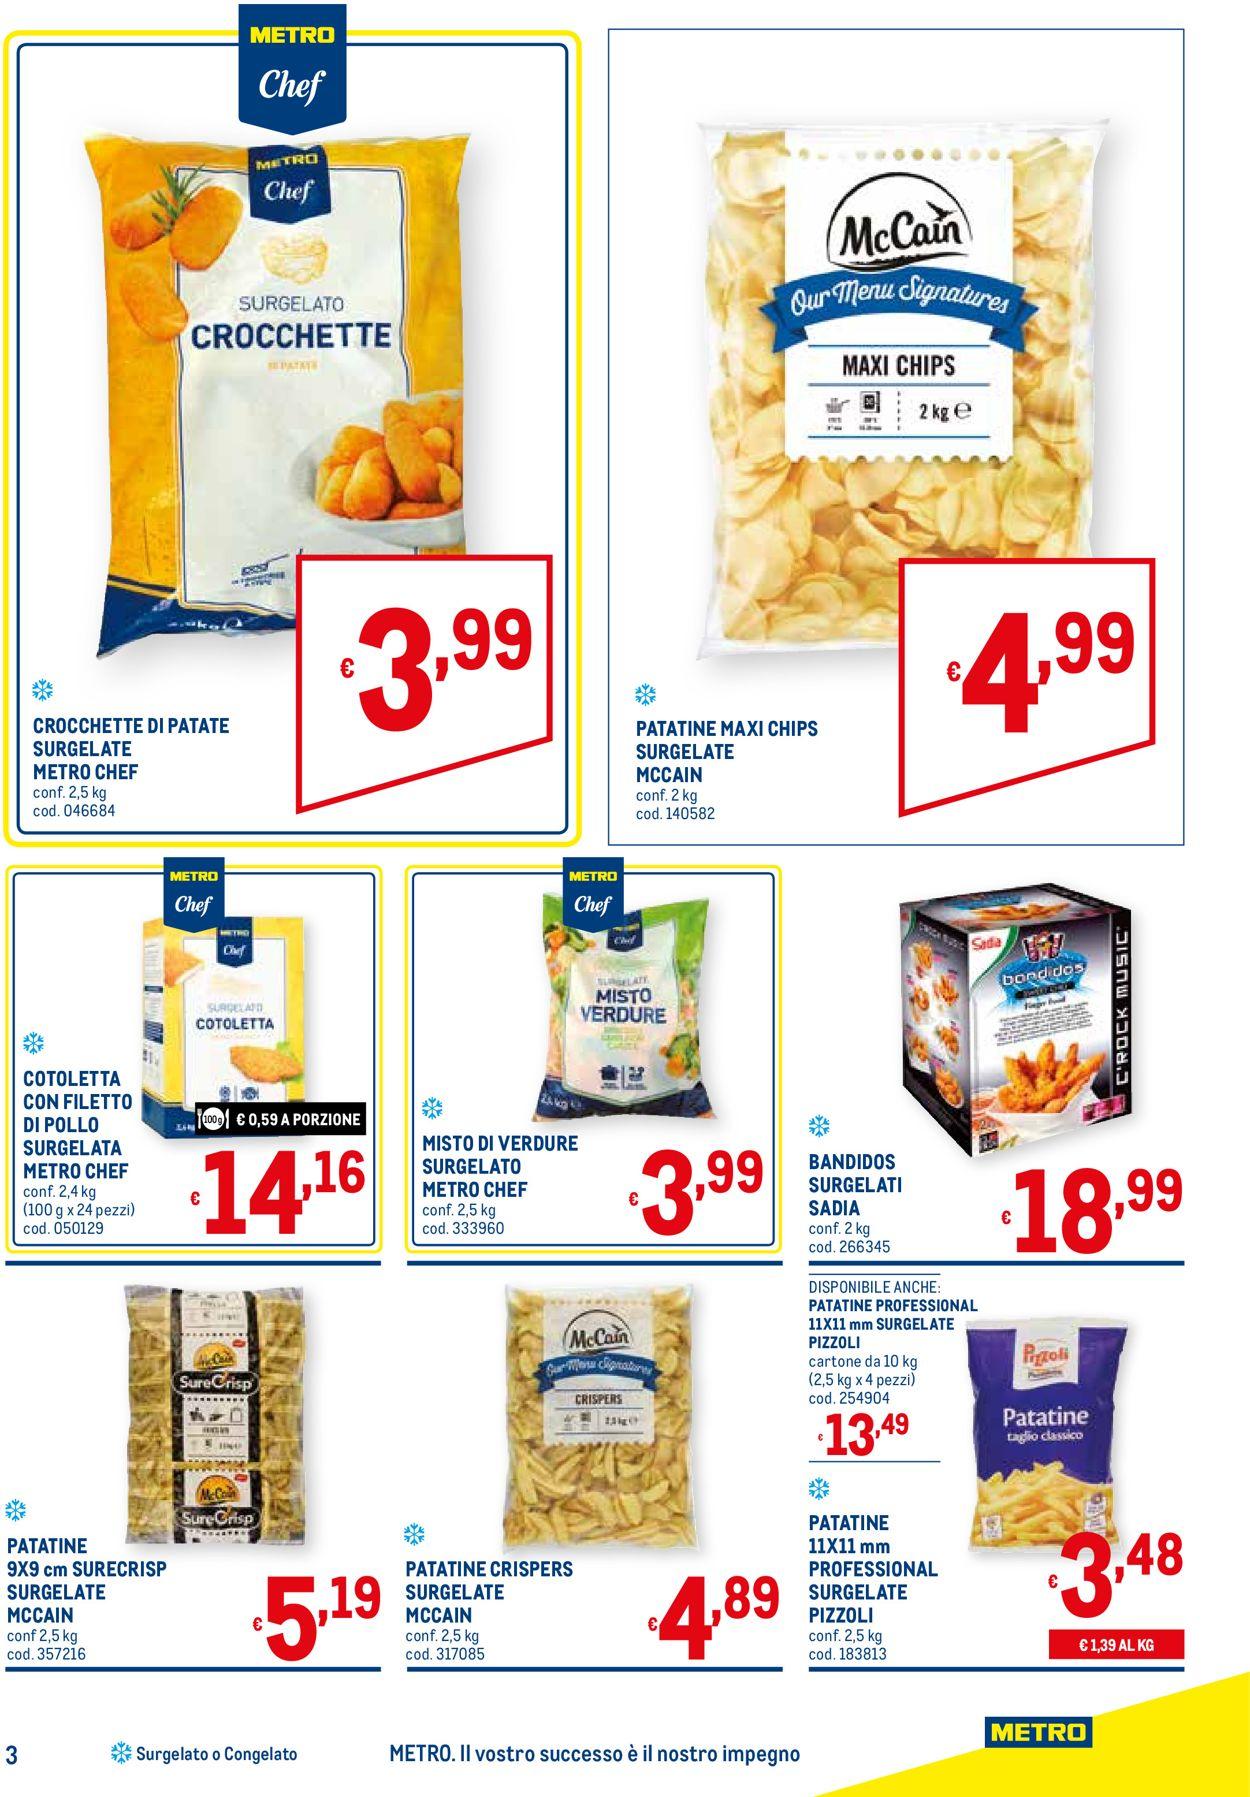 Volantino Metro - Offerte 22/04-19/05/2021 (Pagina 3)